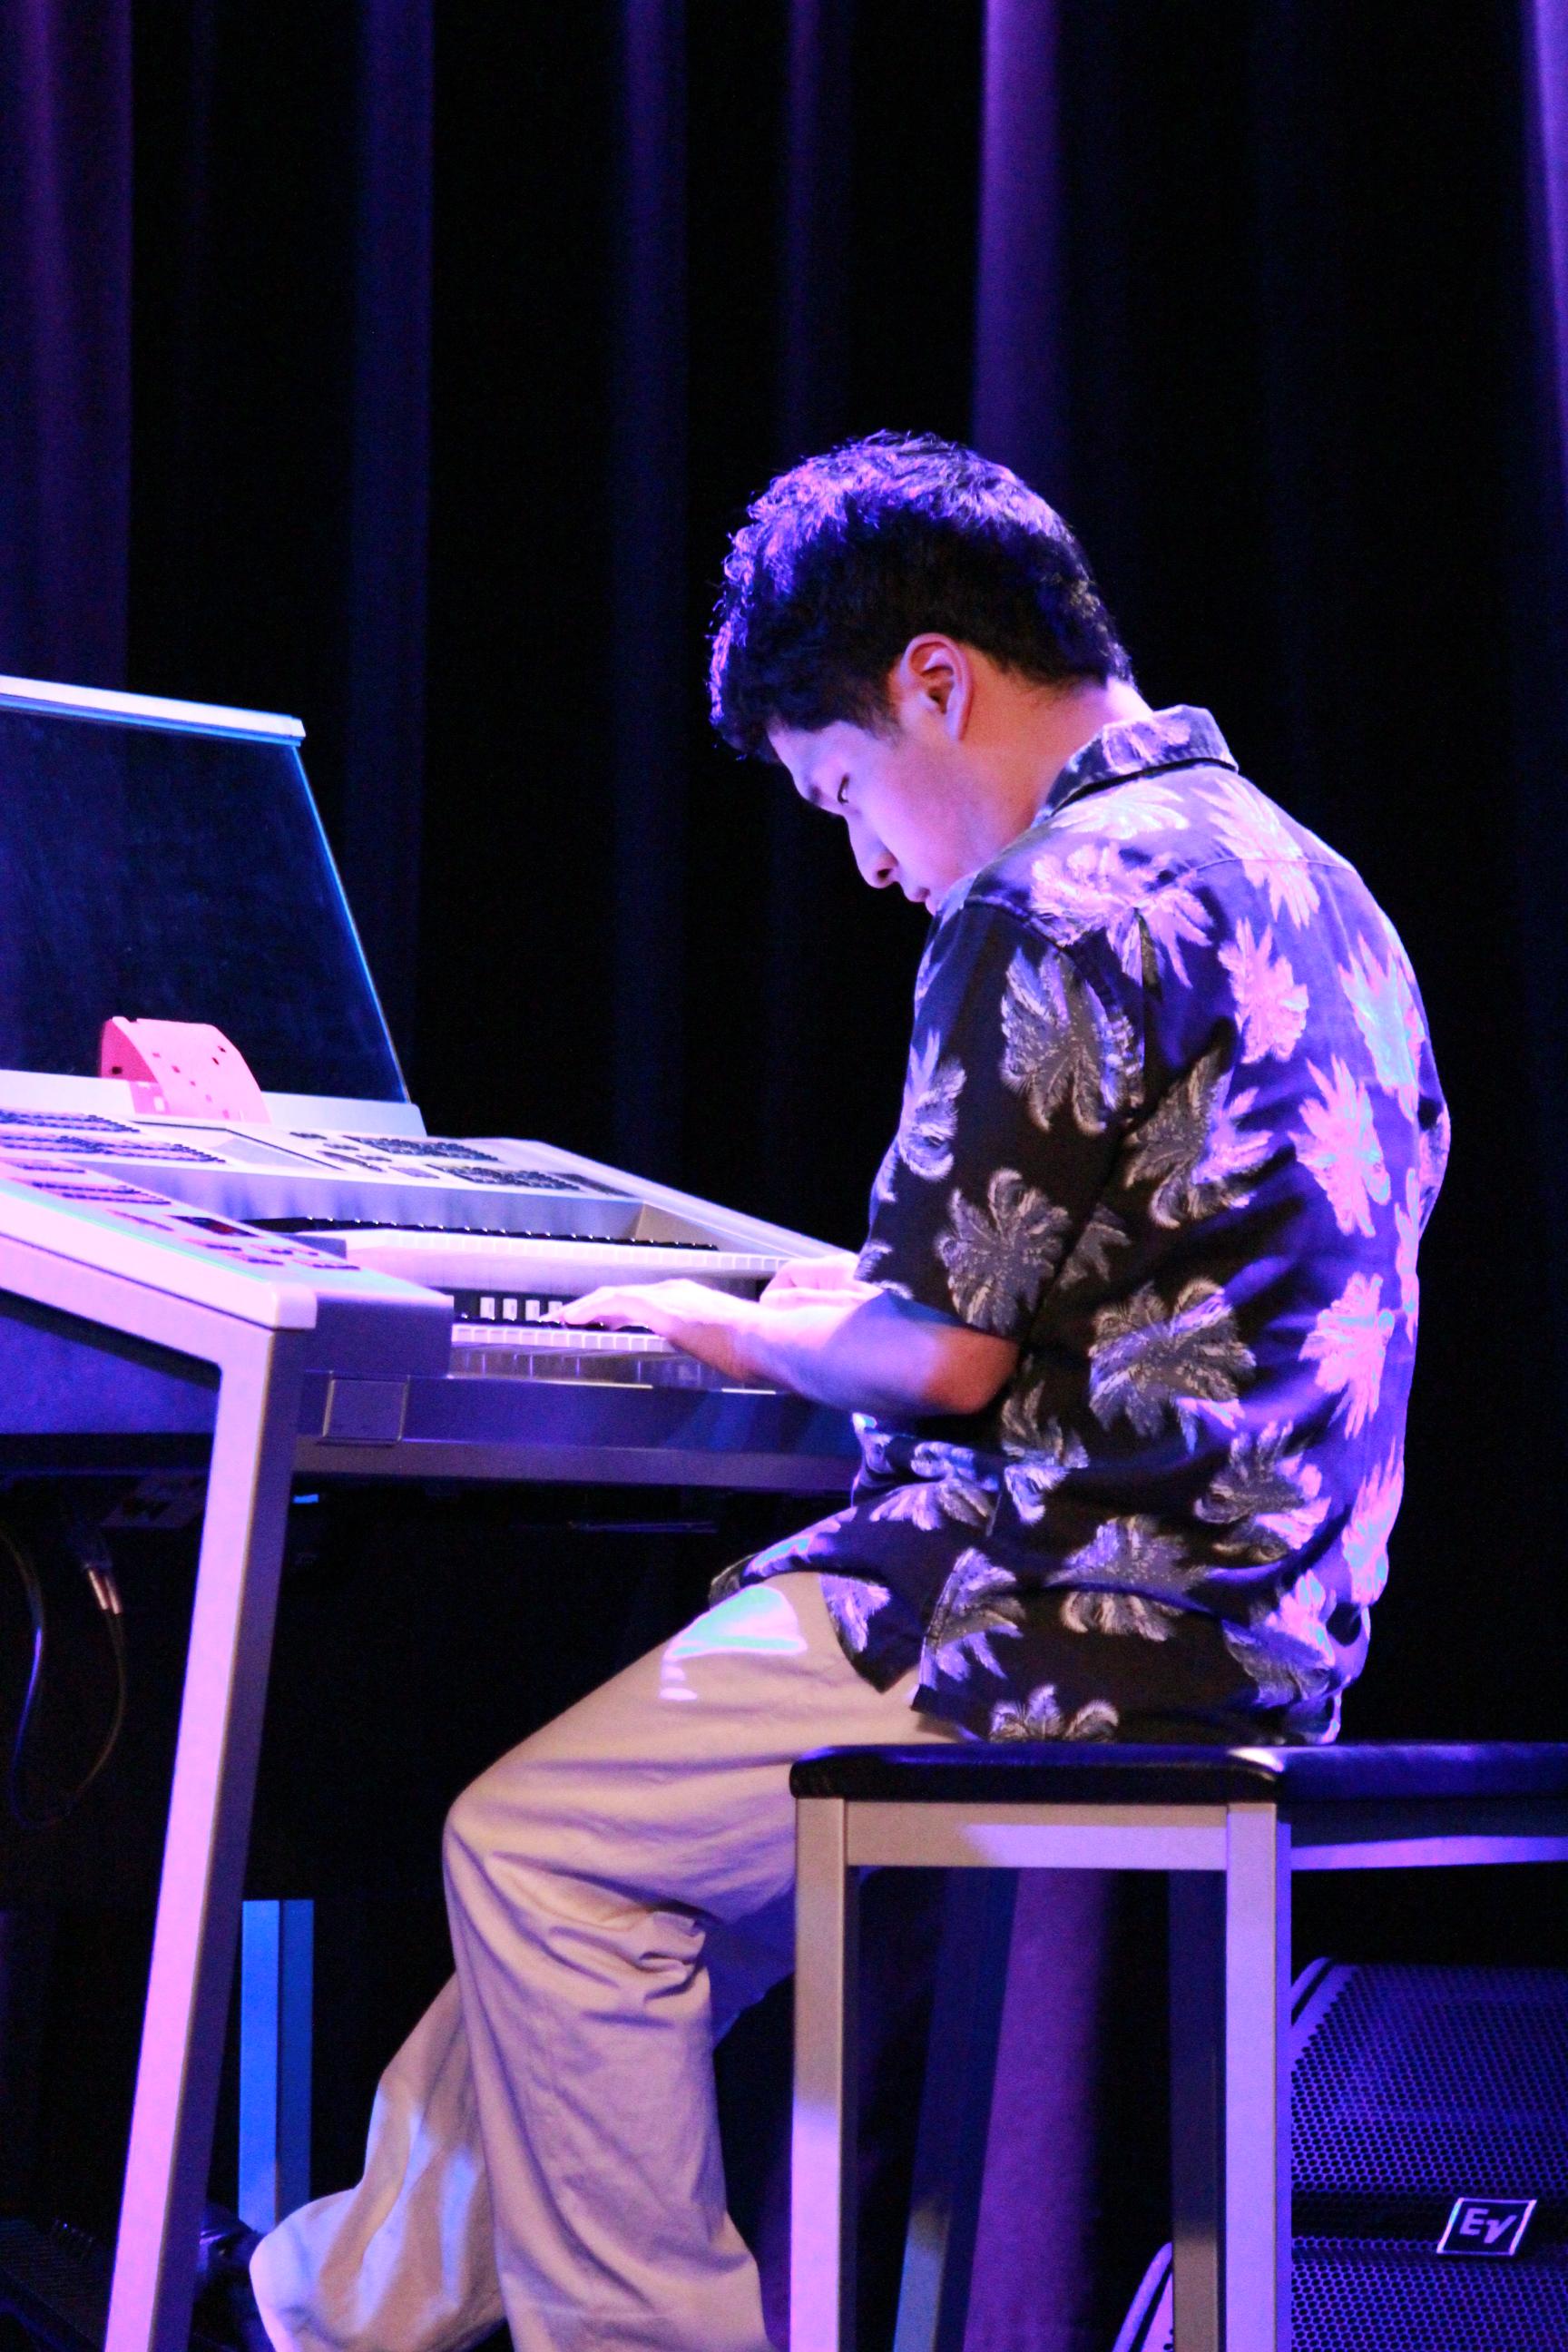 国立音楽院でのエレクトーンライブで演奏する川越亮くんの様子。